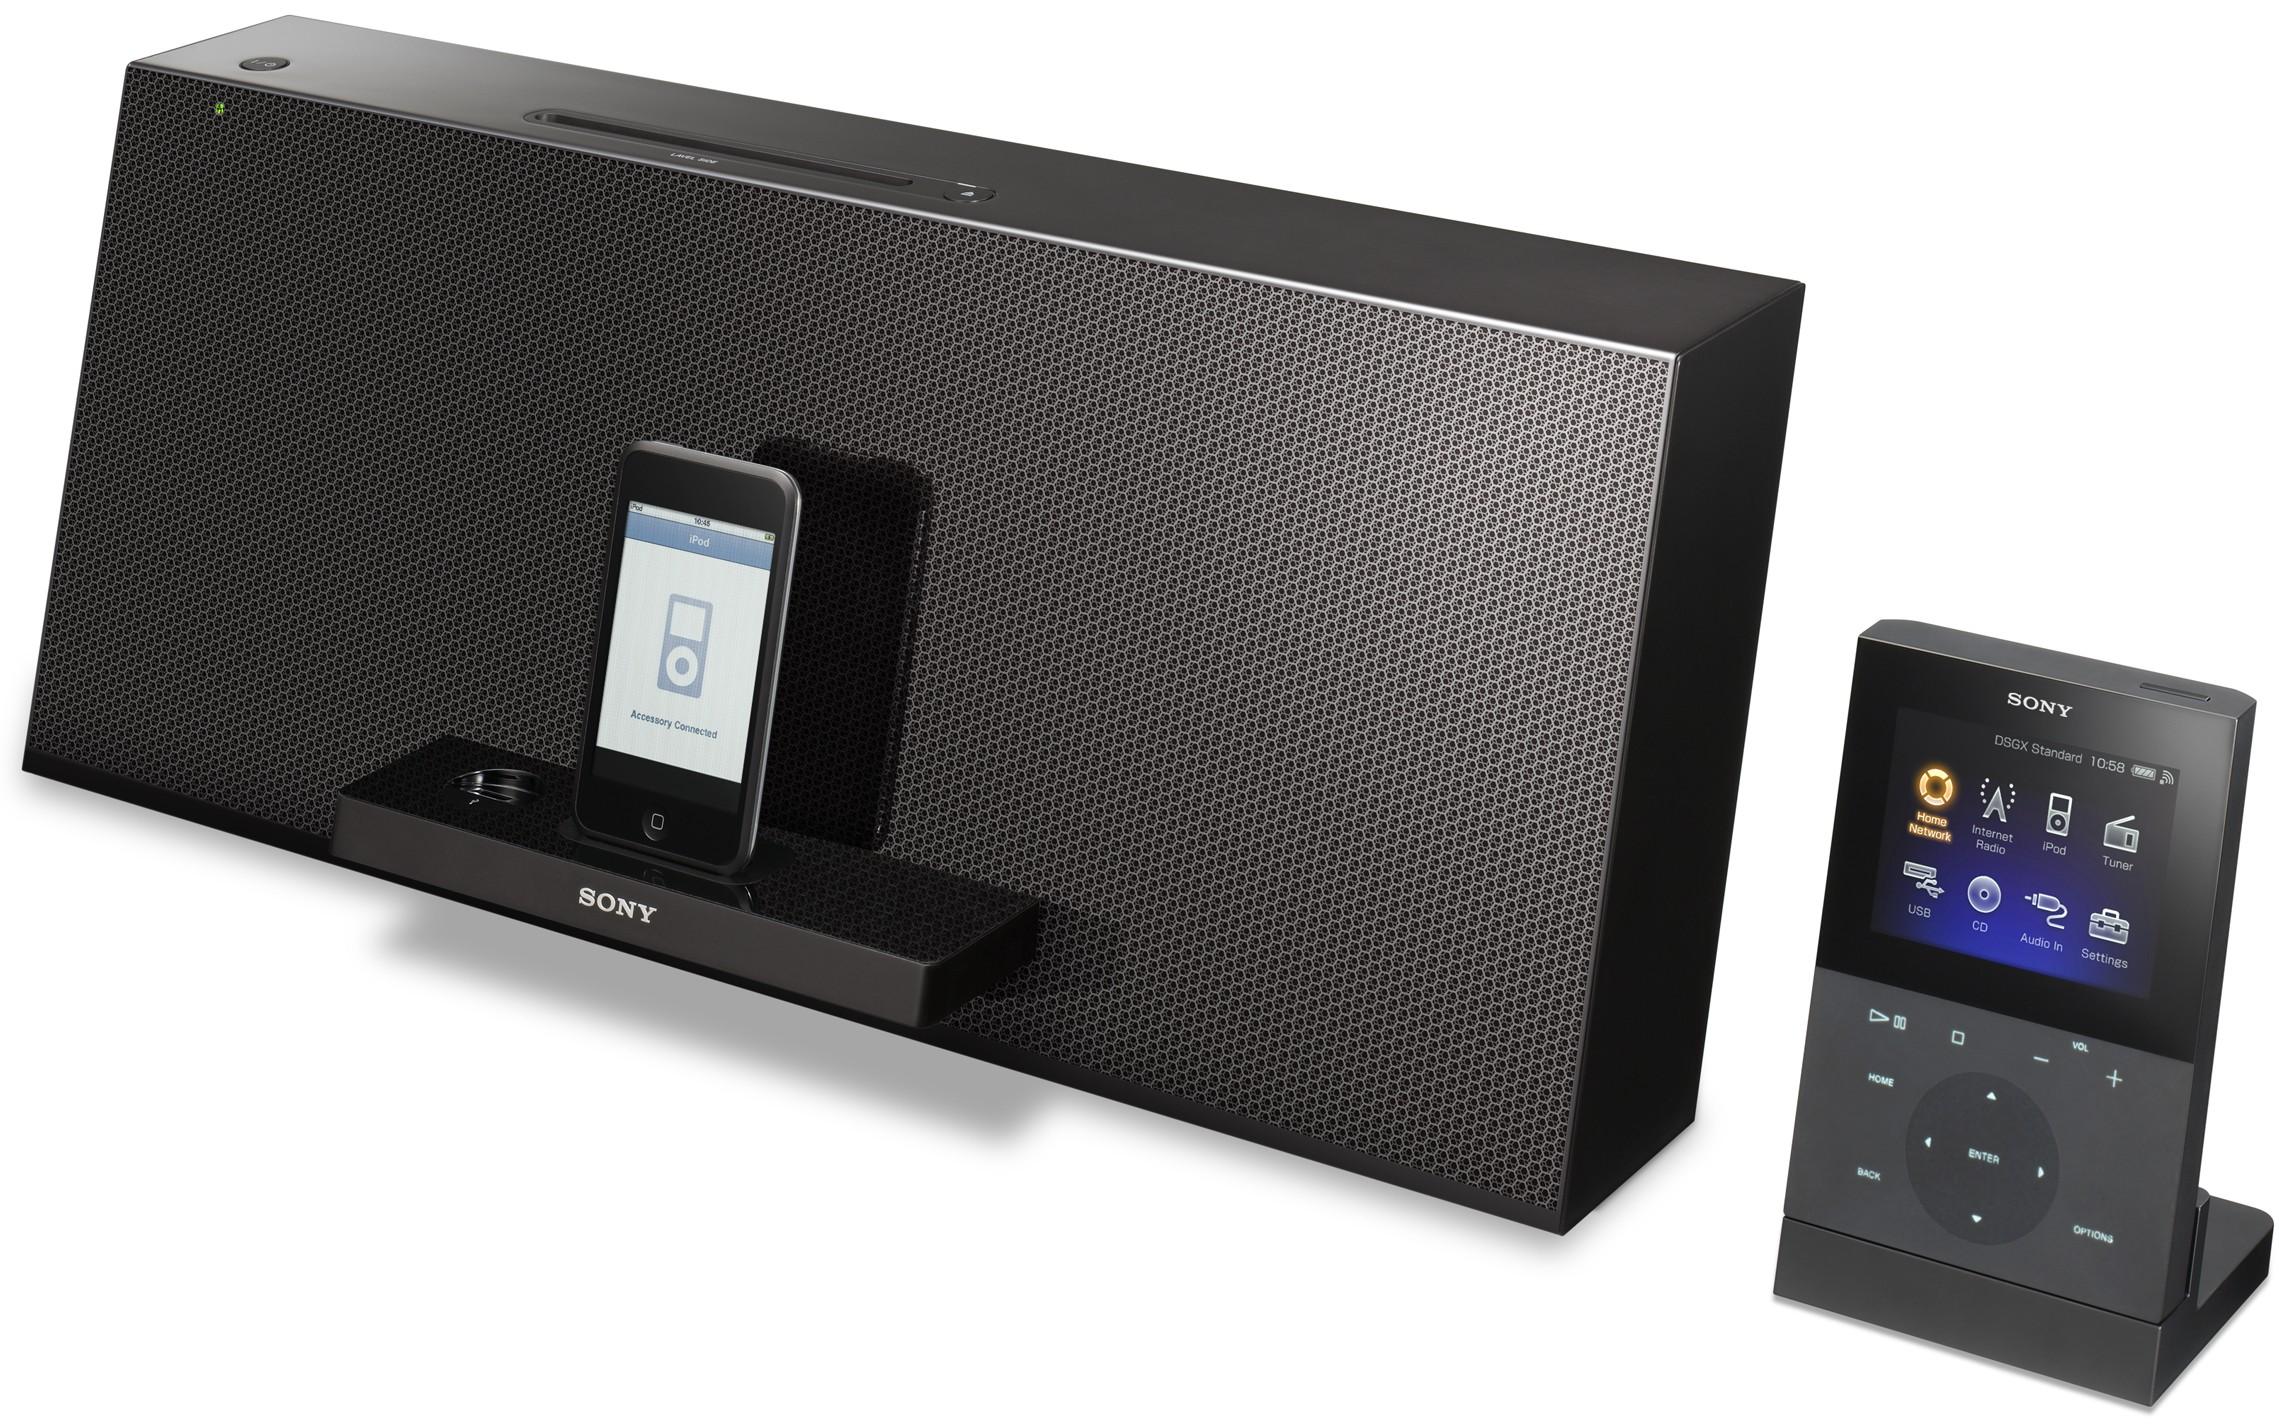 Sony iPod/CD speaker-docks: WiFi DLNA streaming & LCD remote